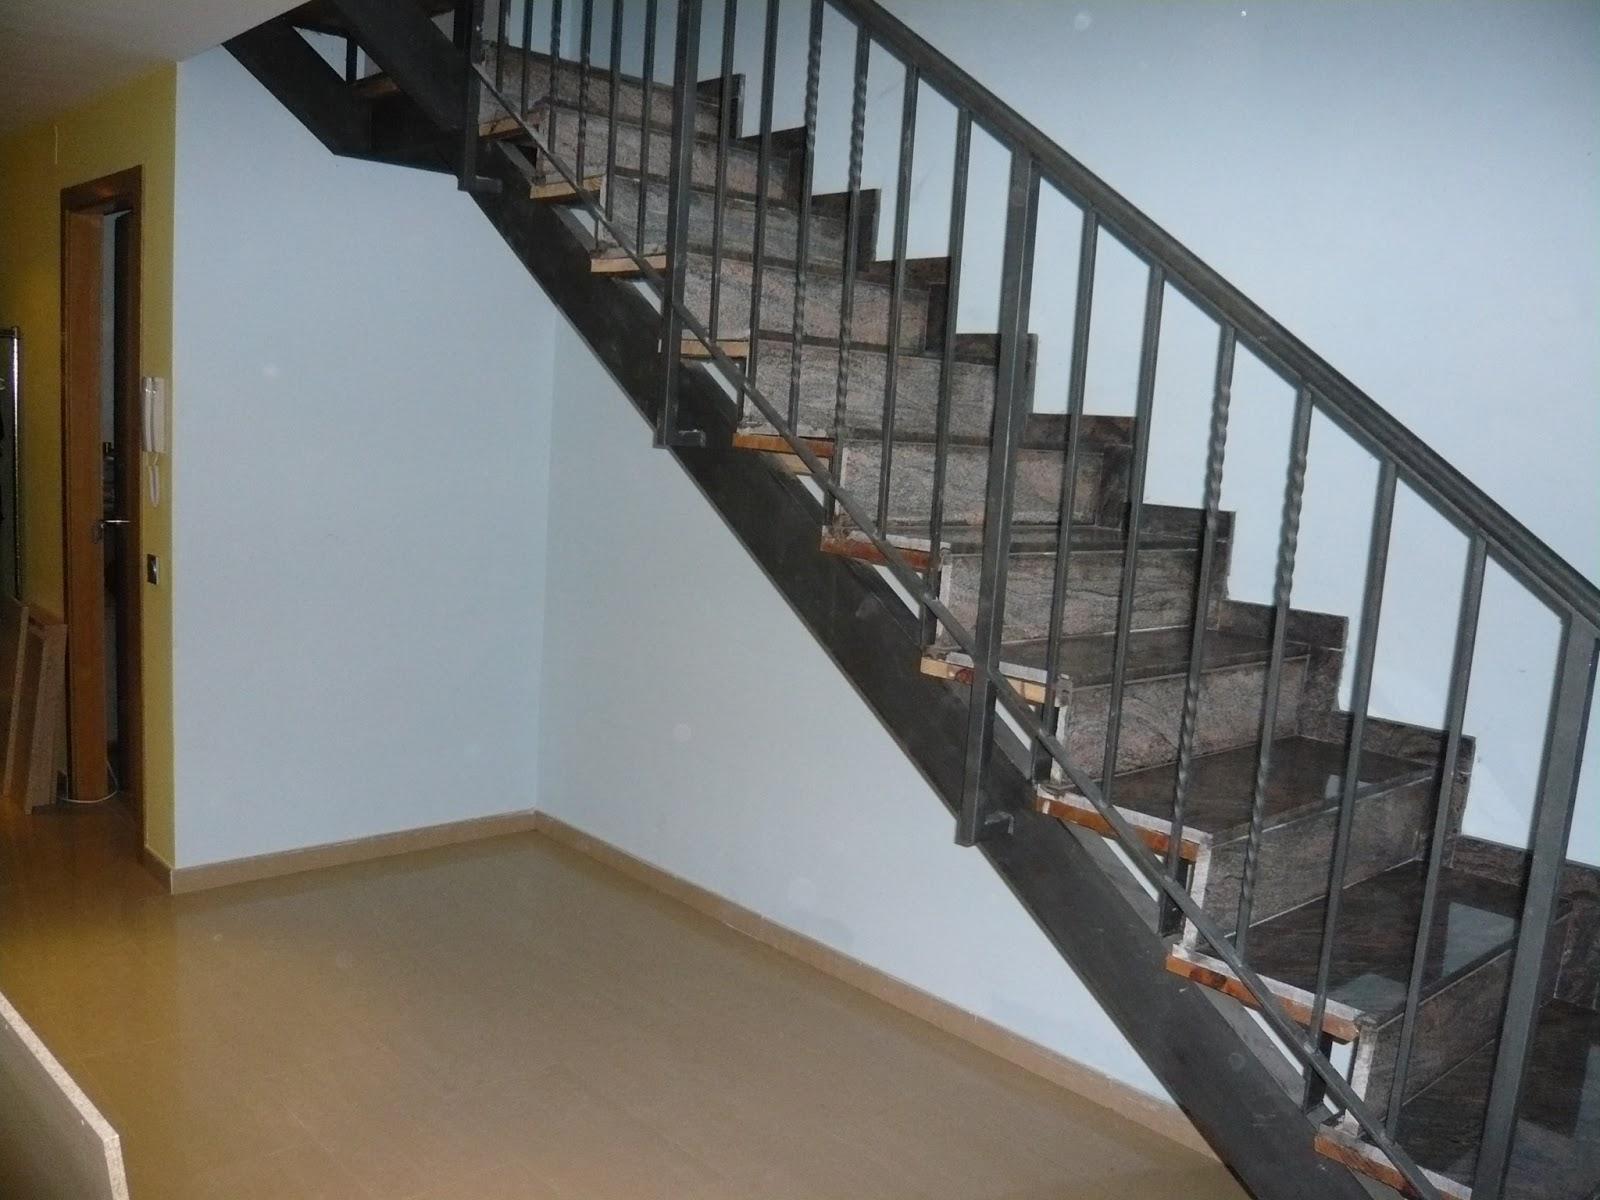 Mueble Bajo Escalera Ideas De Cmo Aprovechar Espacios Debajo De  # Muebles Debajo De Gradas